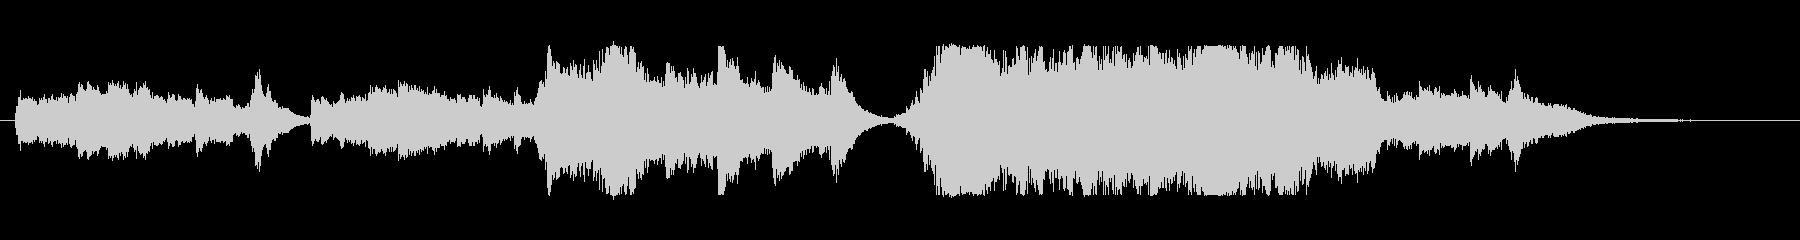 もしもハリーポッターが30秒で終わったらの未再生の波形